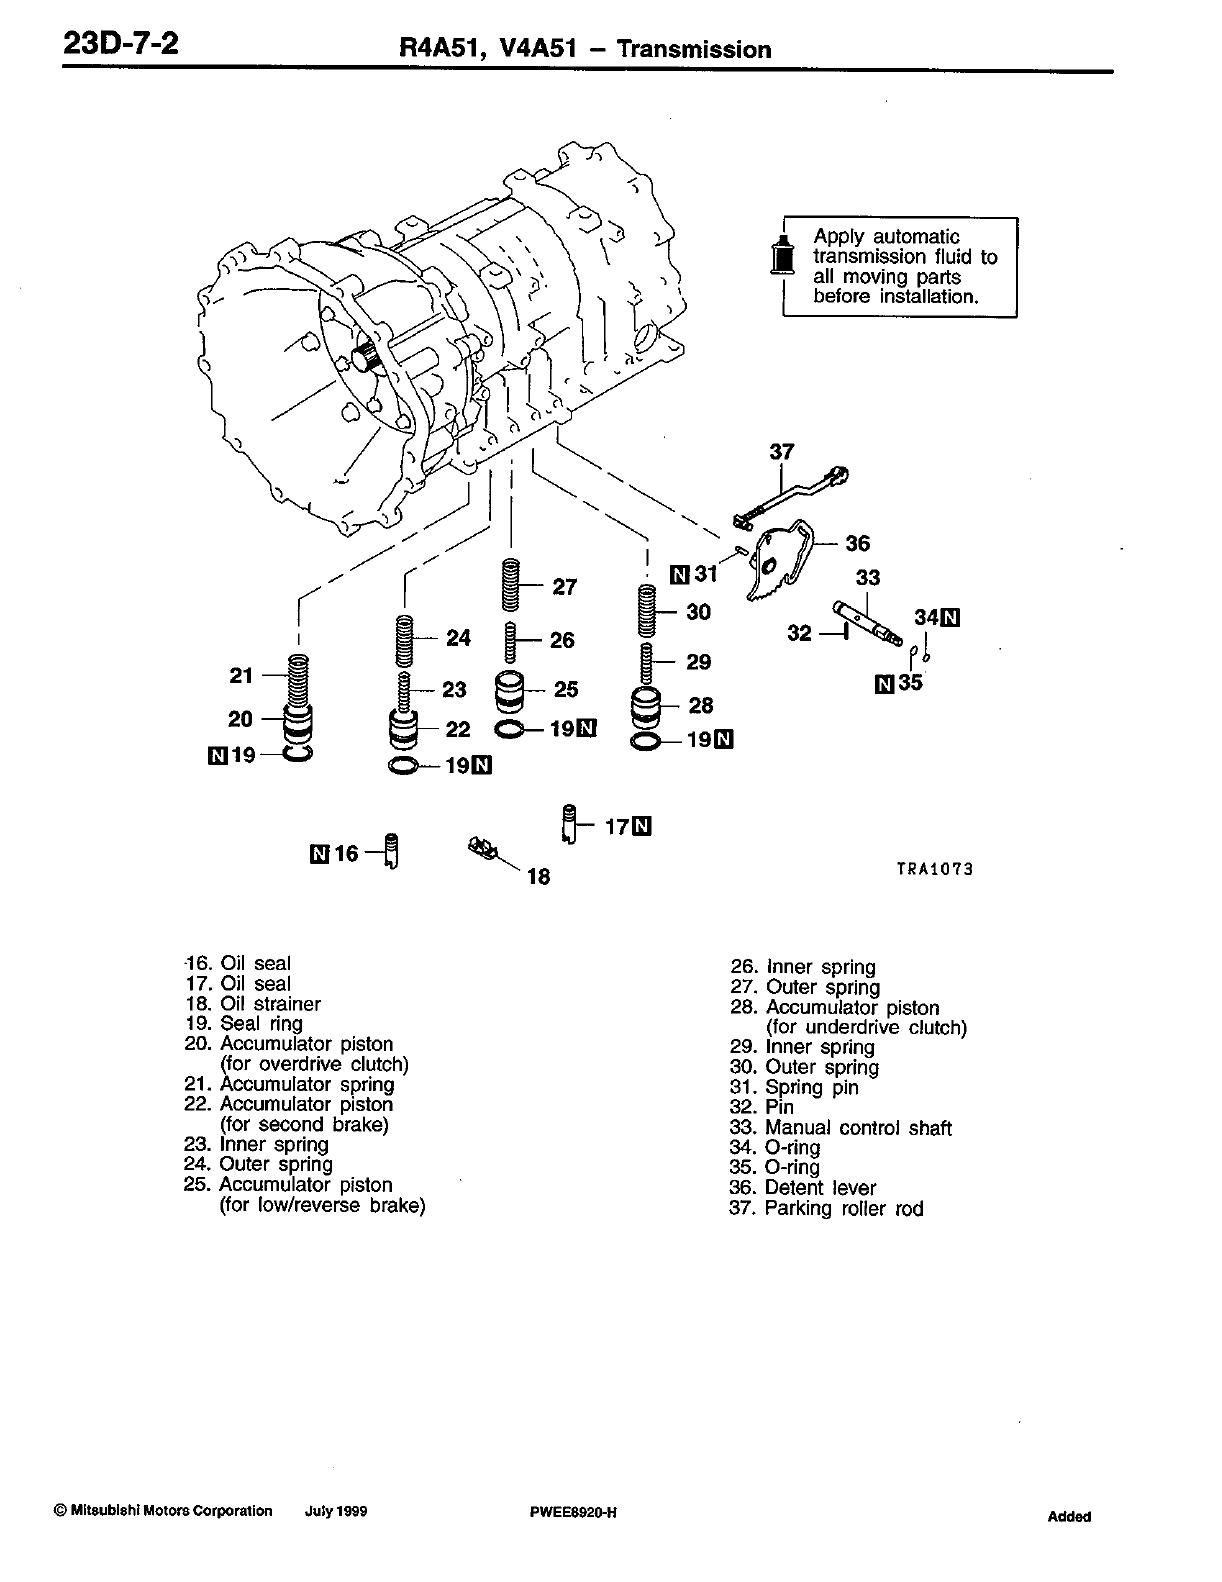 Ejuly 2000mitsubishi motors corporation